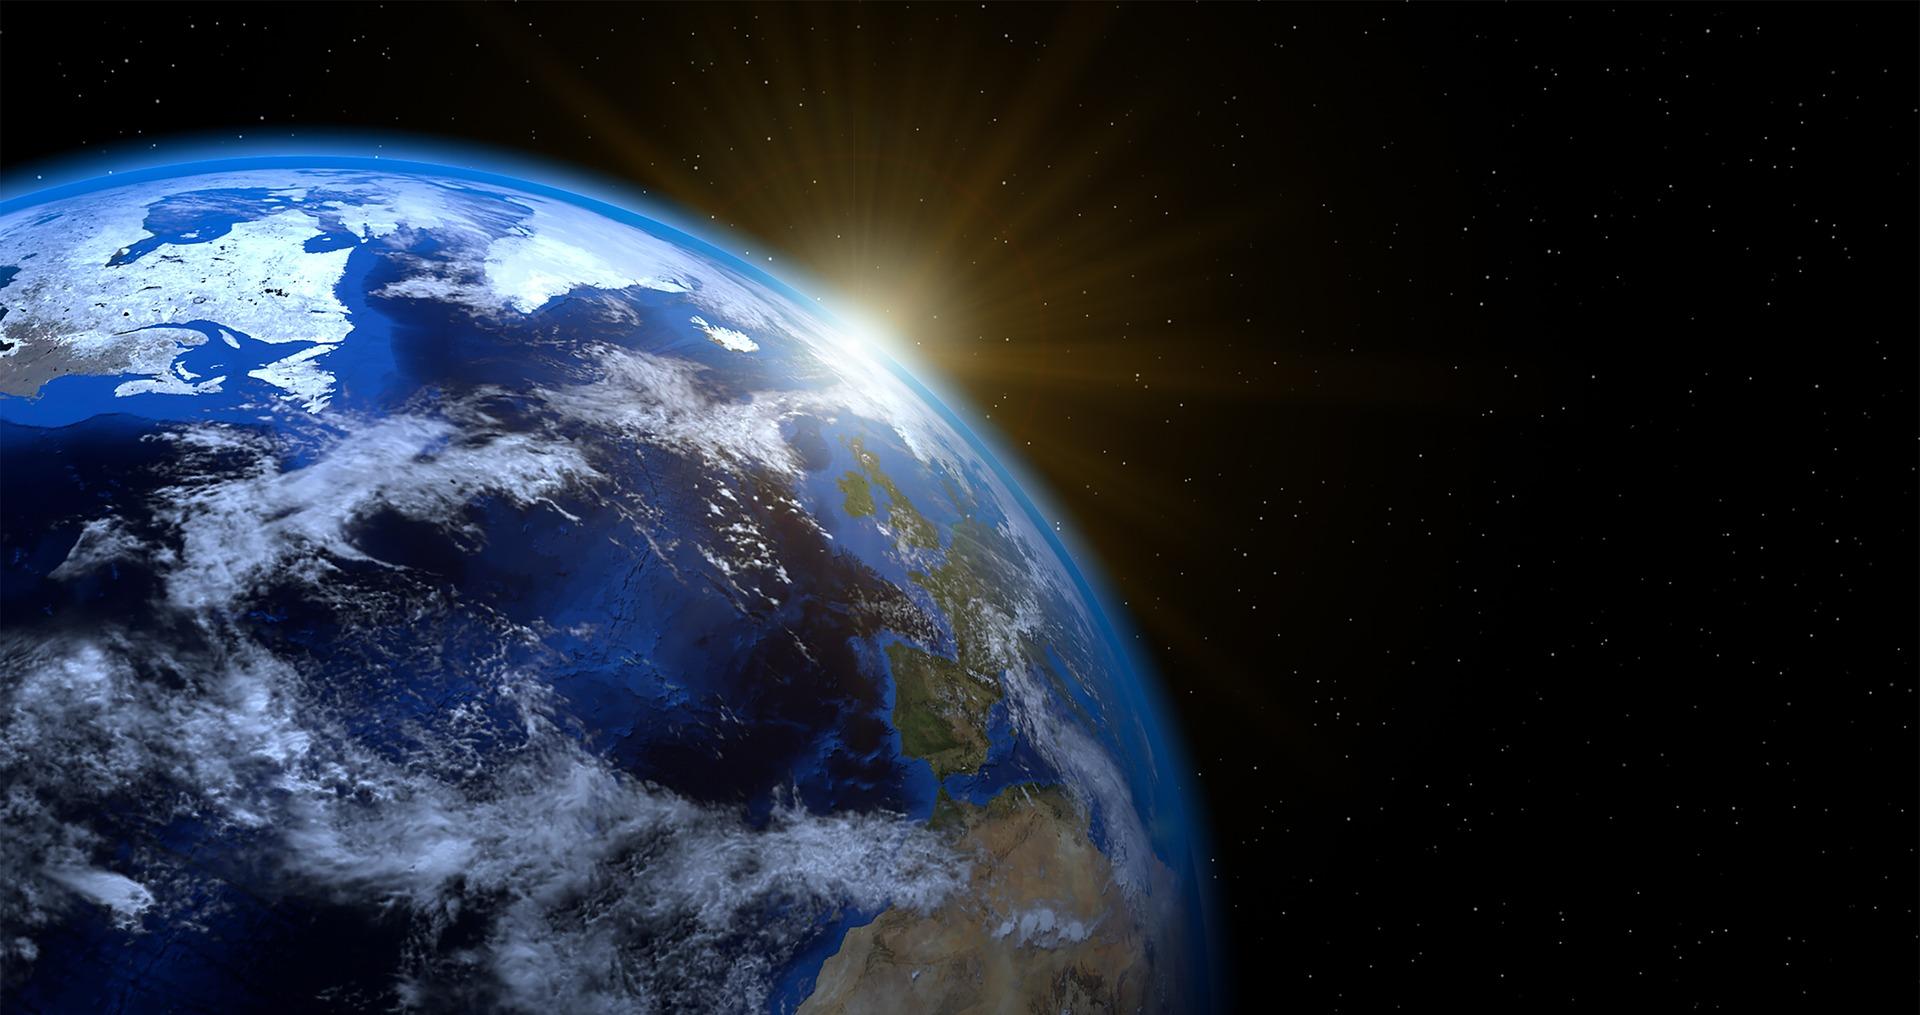 earth-1990298_1920